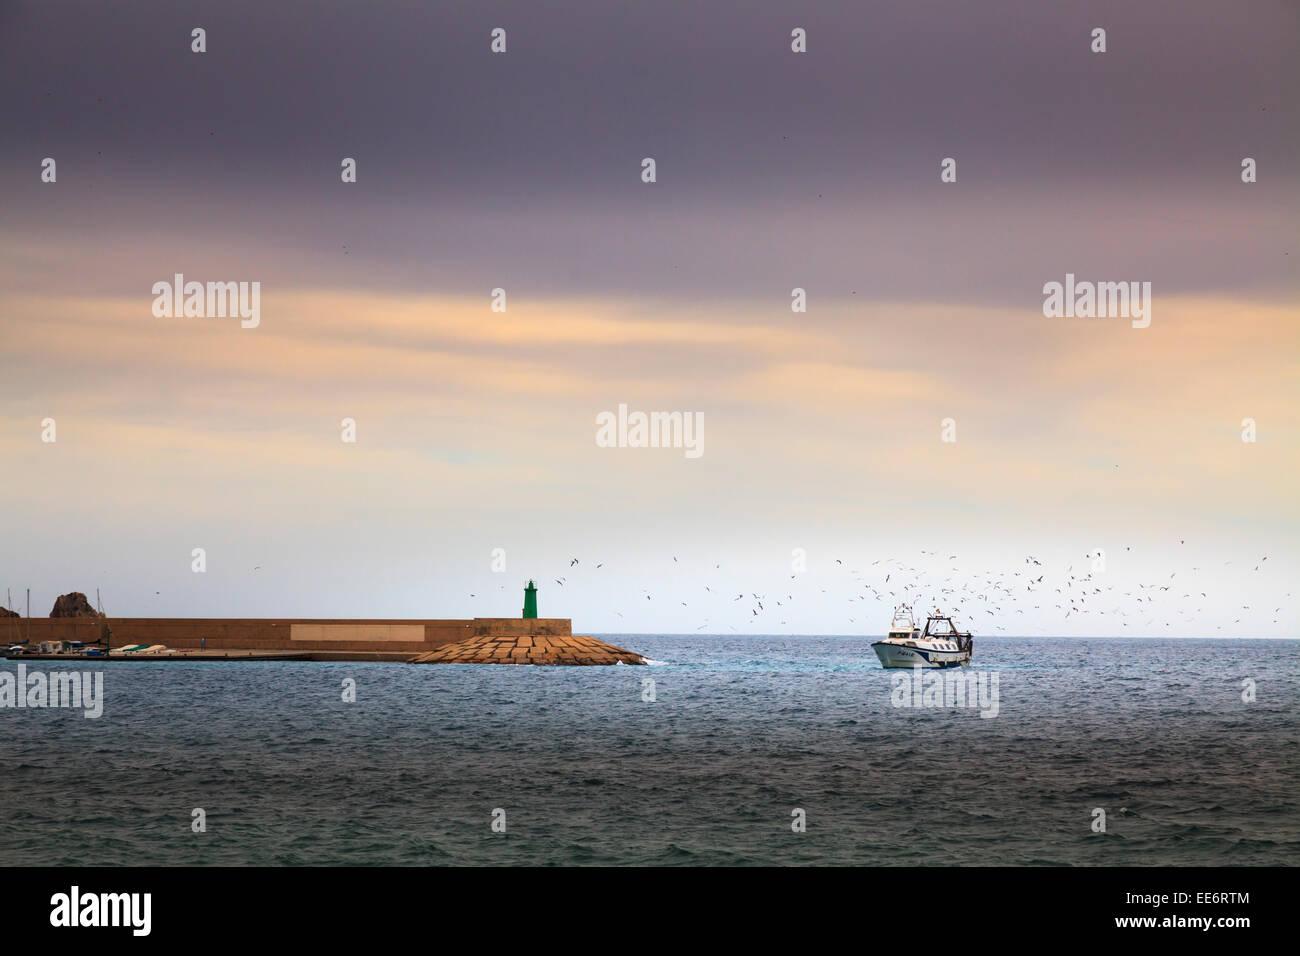 Pesca de arrastre regresar al puerto de Jávea, al final del día rodeado por aves marinas Foto de stock